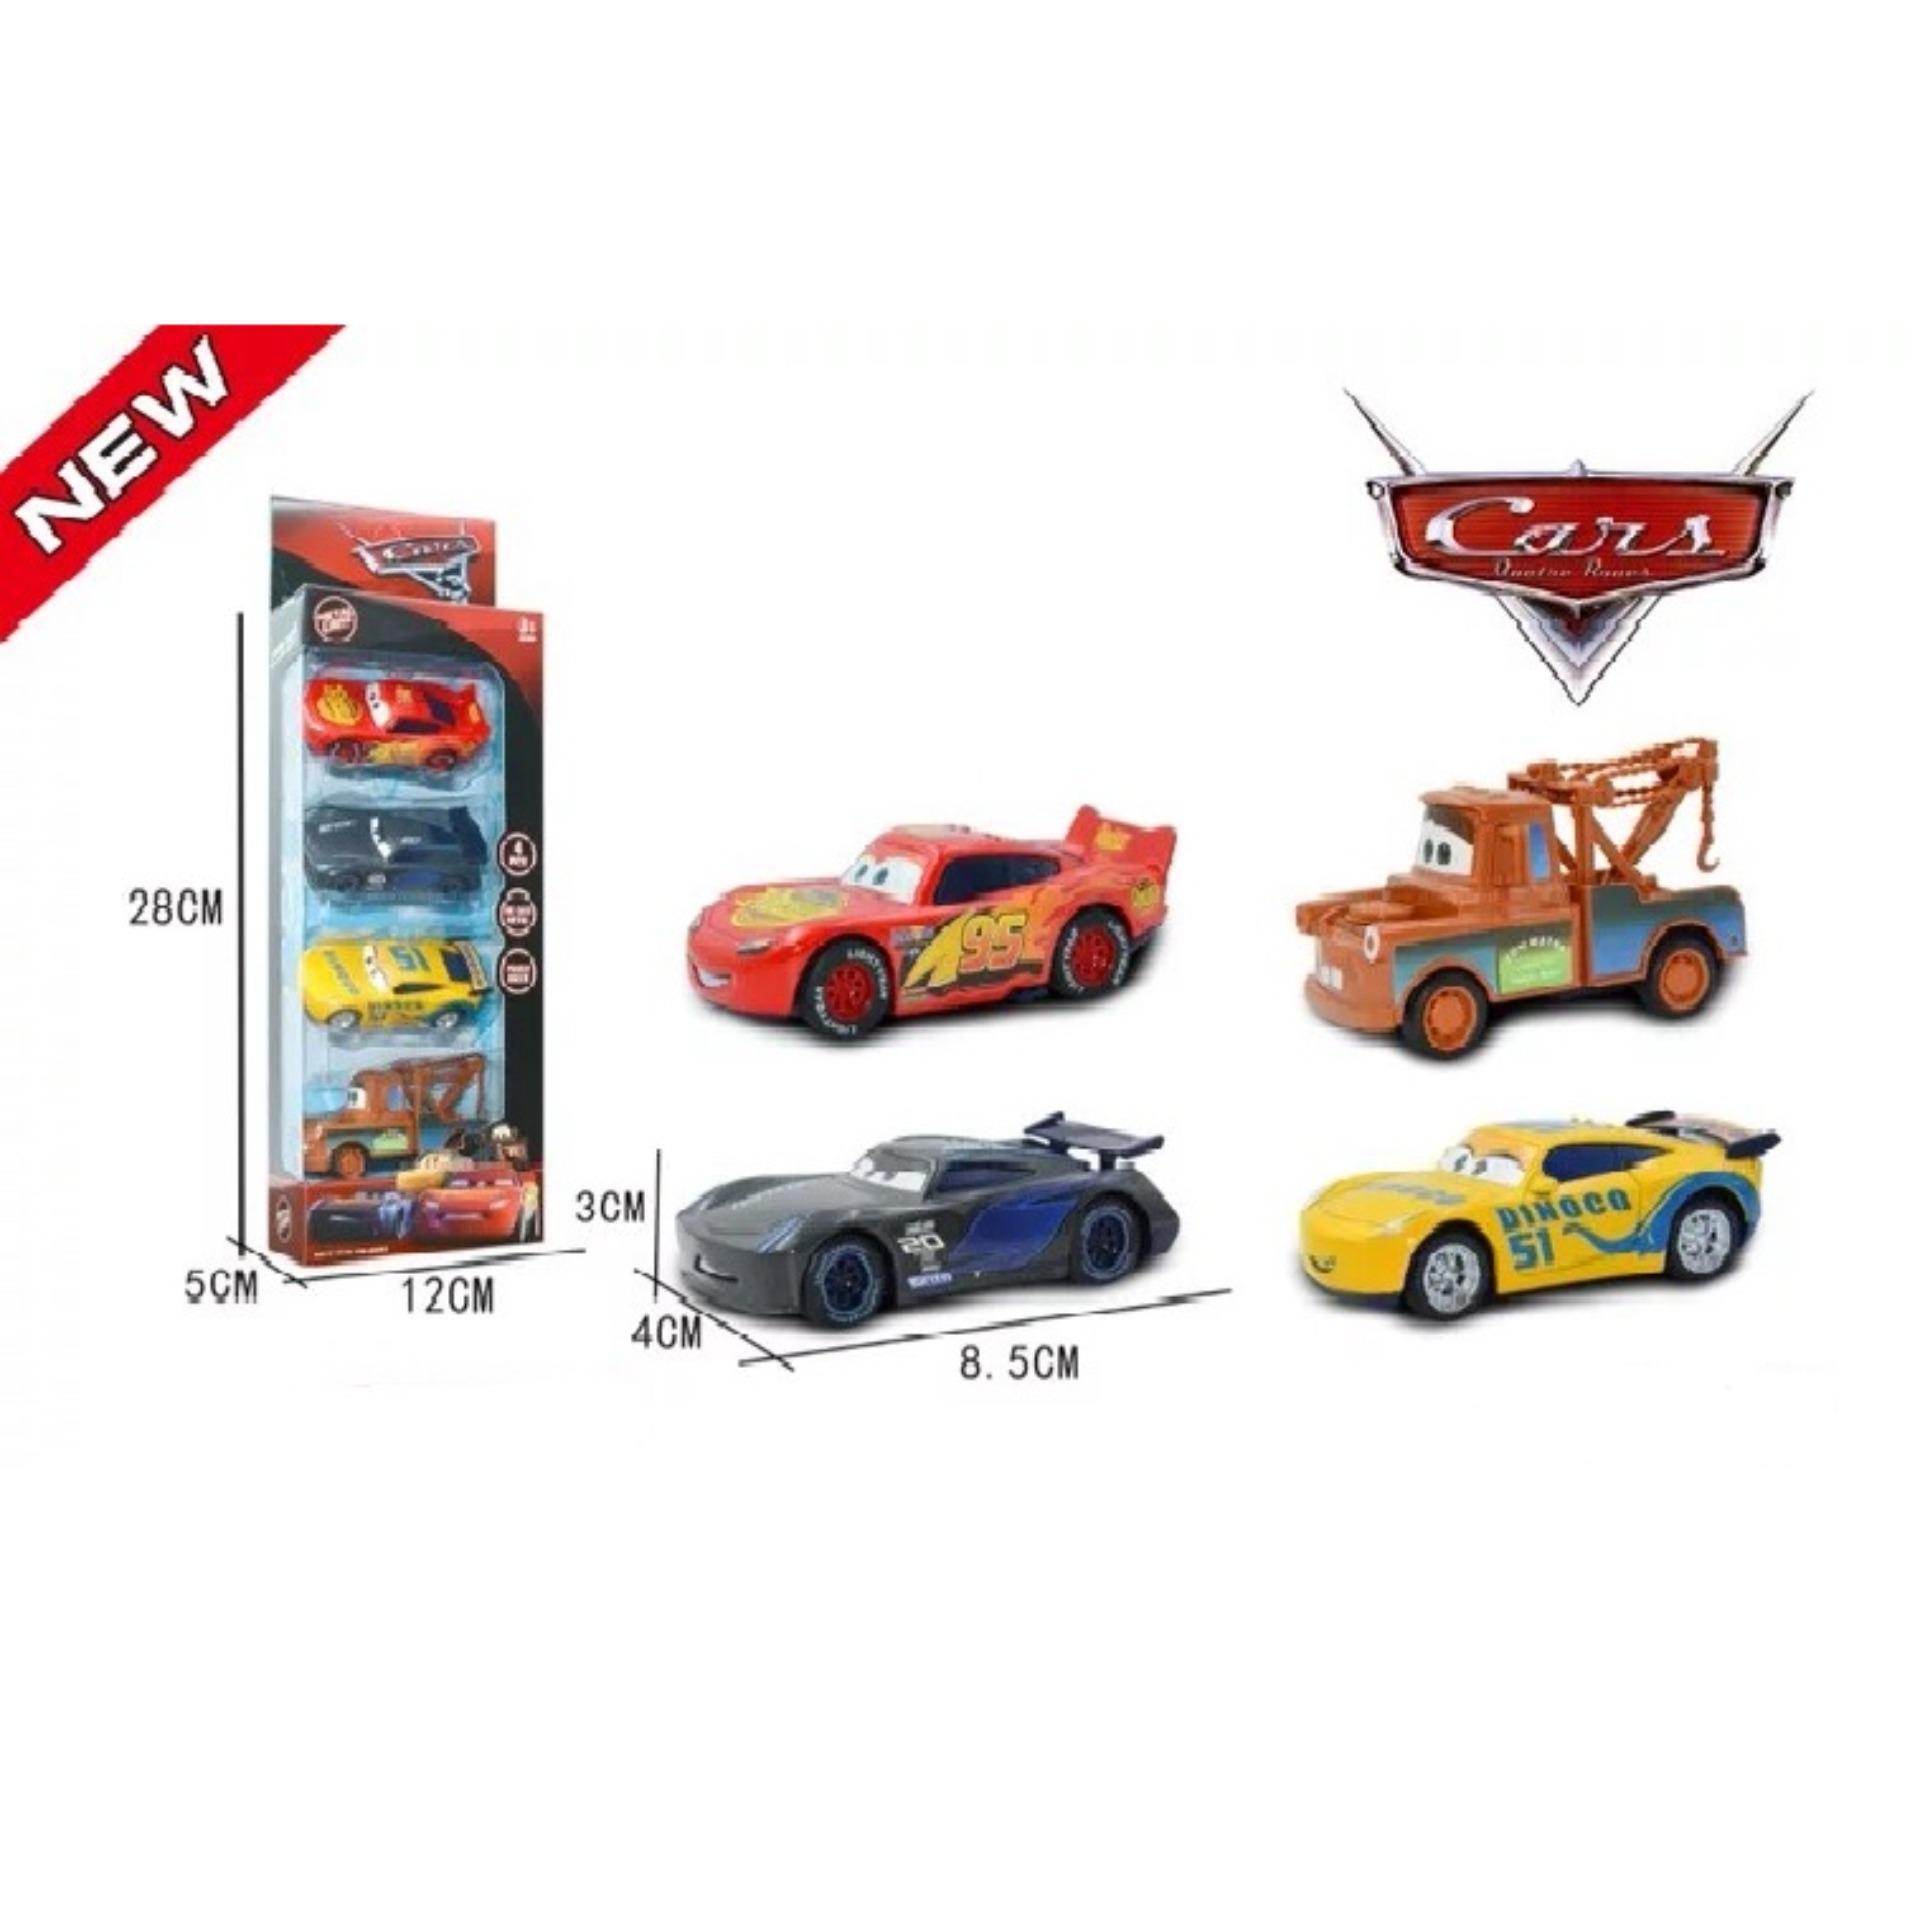 Hình ảnh Bộ 4 xe đồ chơi Disney car - Lightning McQueen bằng kim loại